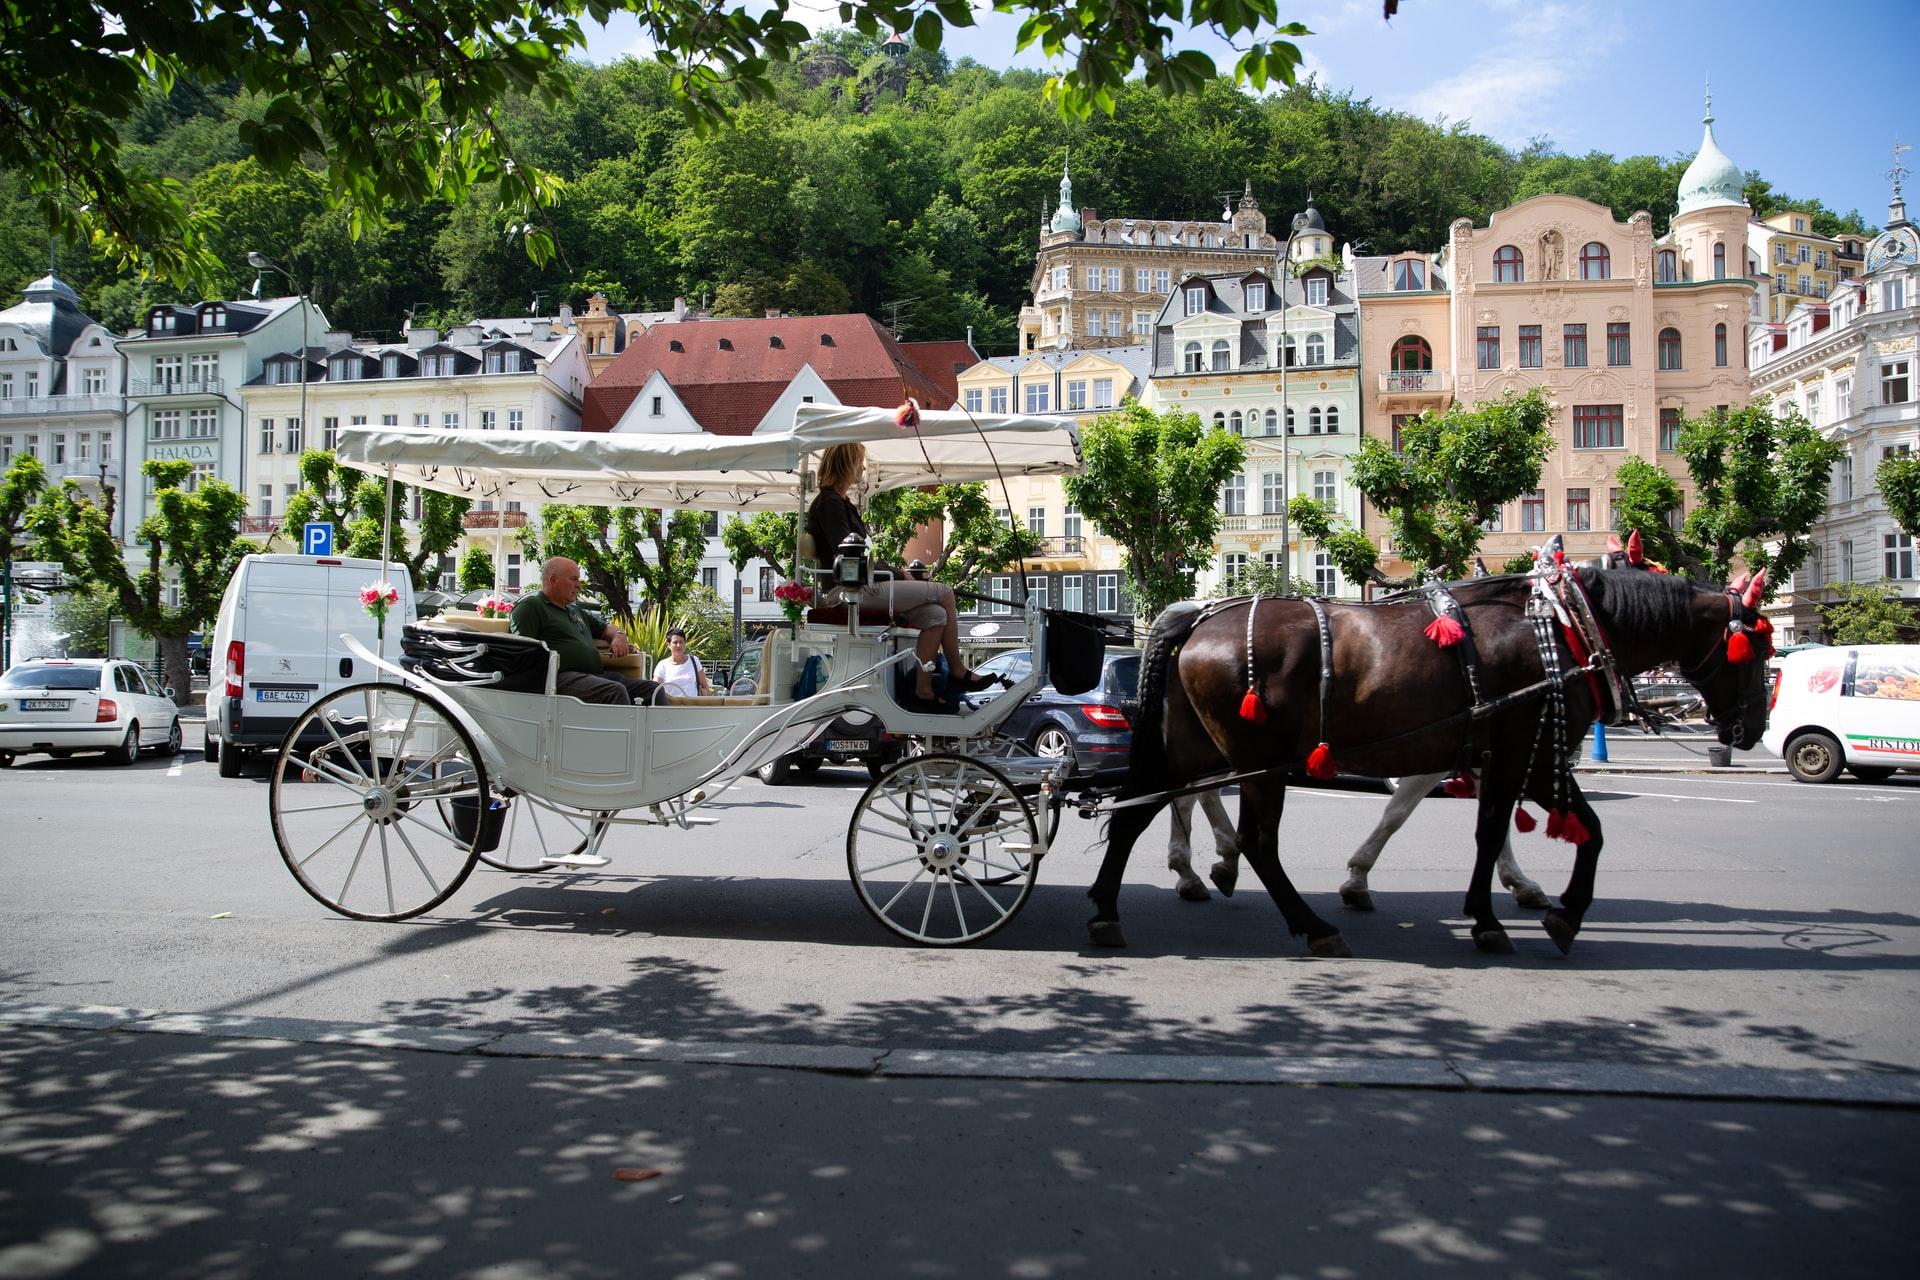 Tscheichien Karlsbad